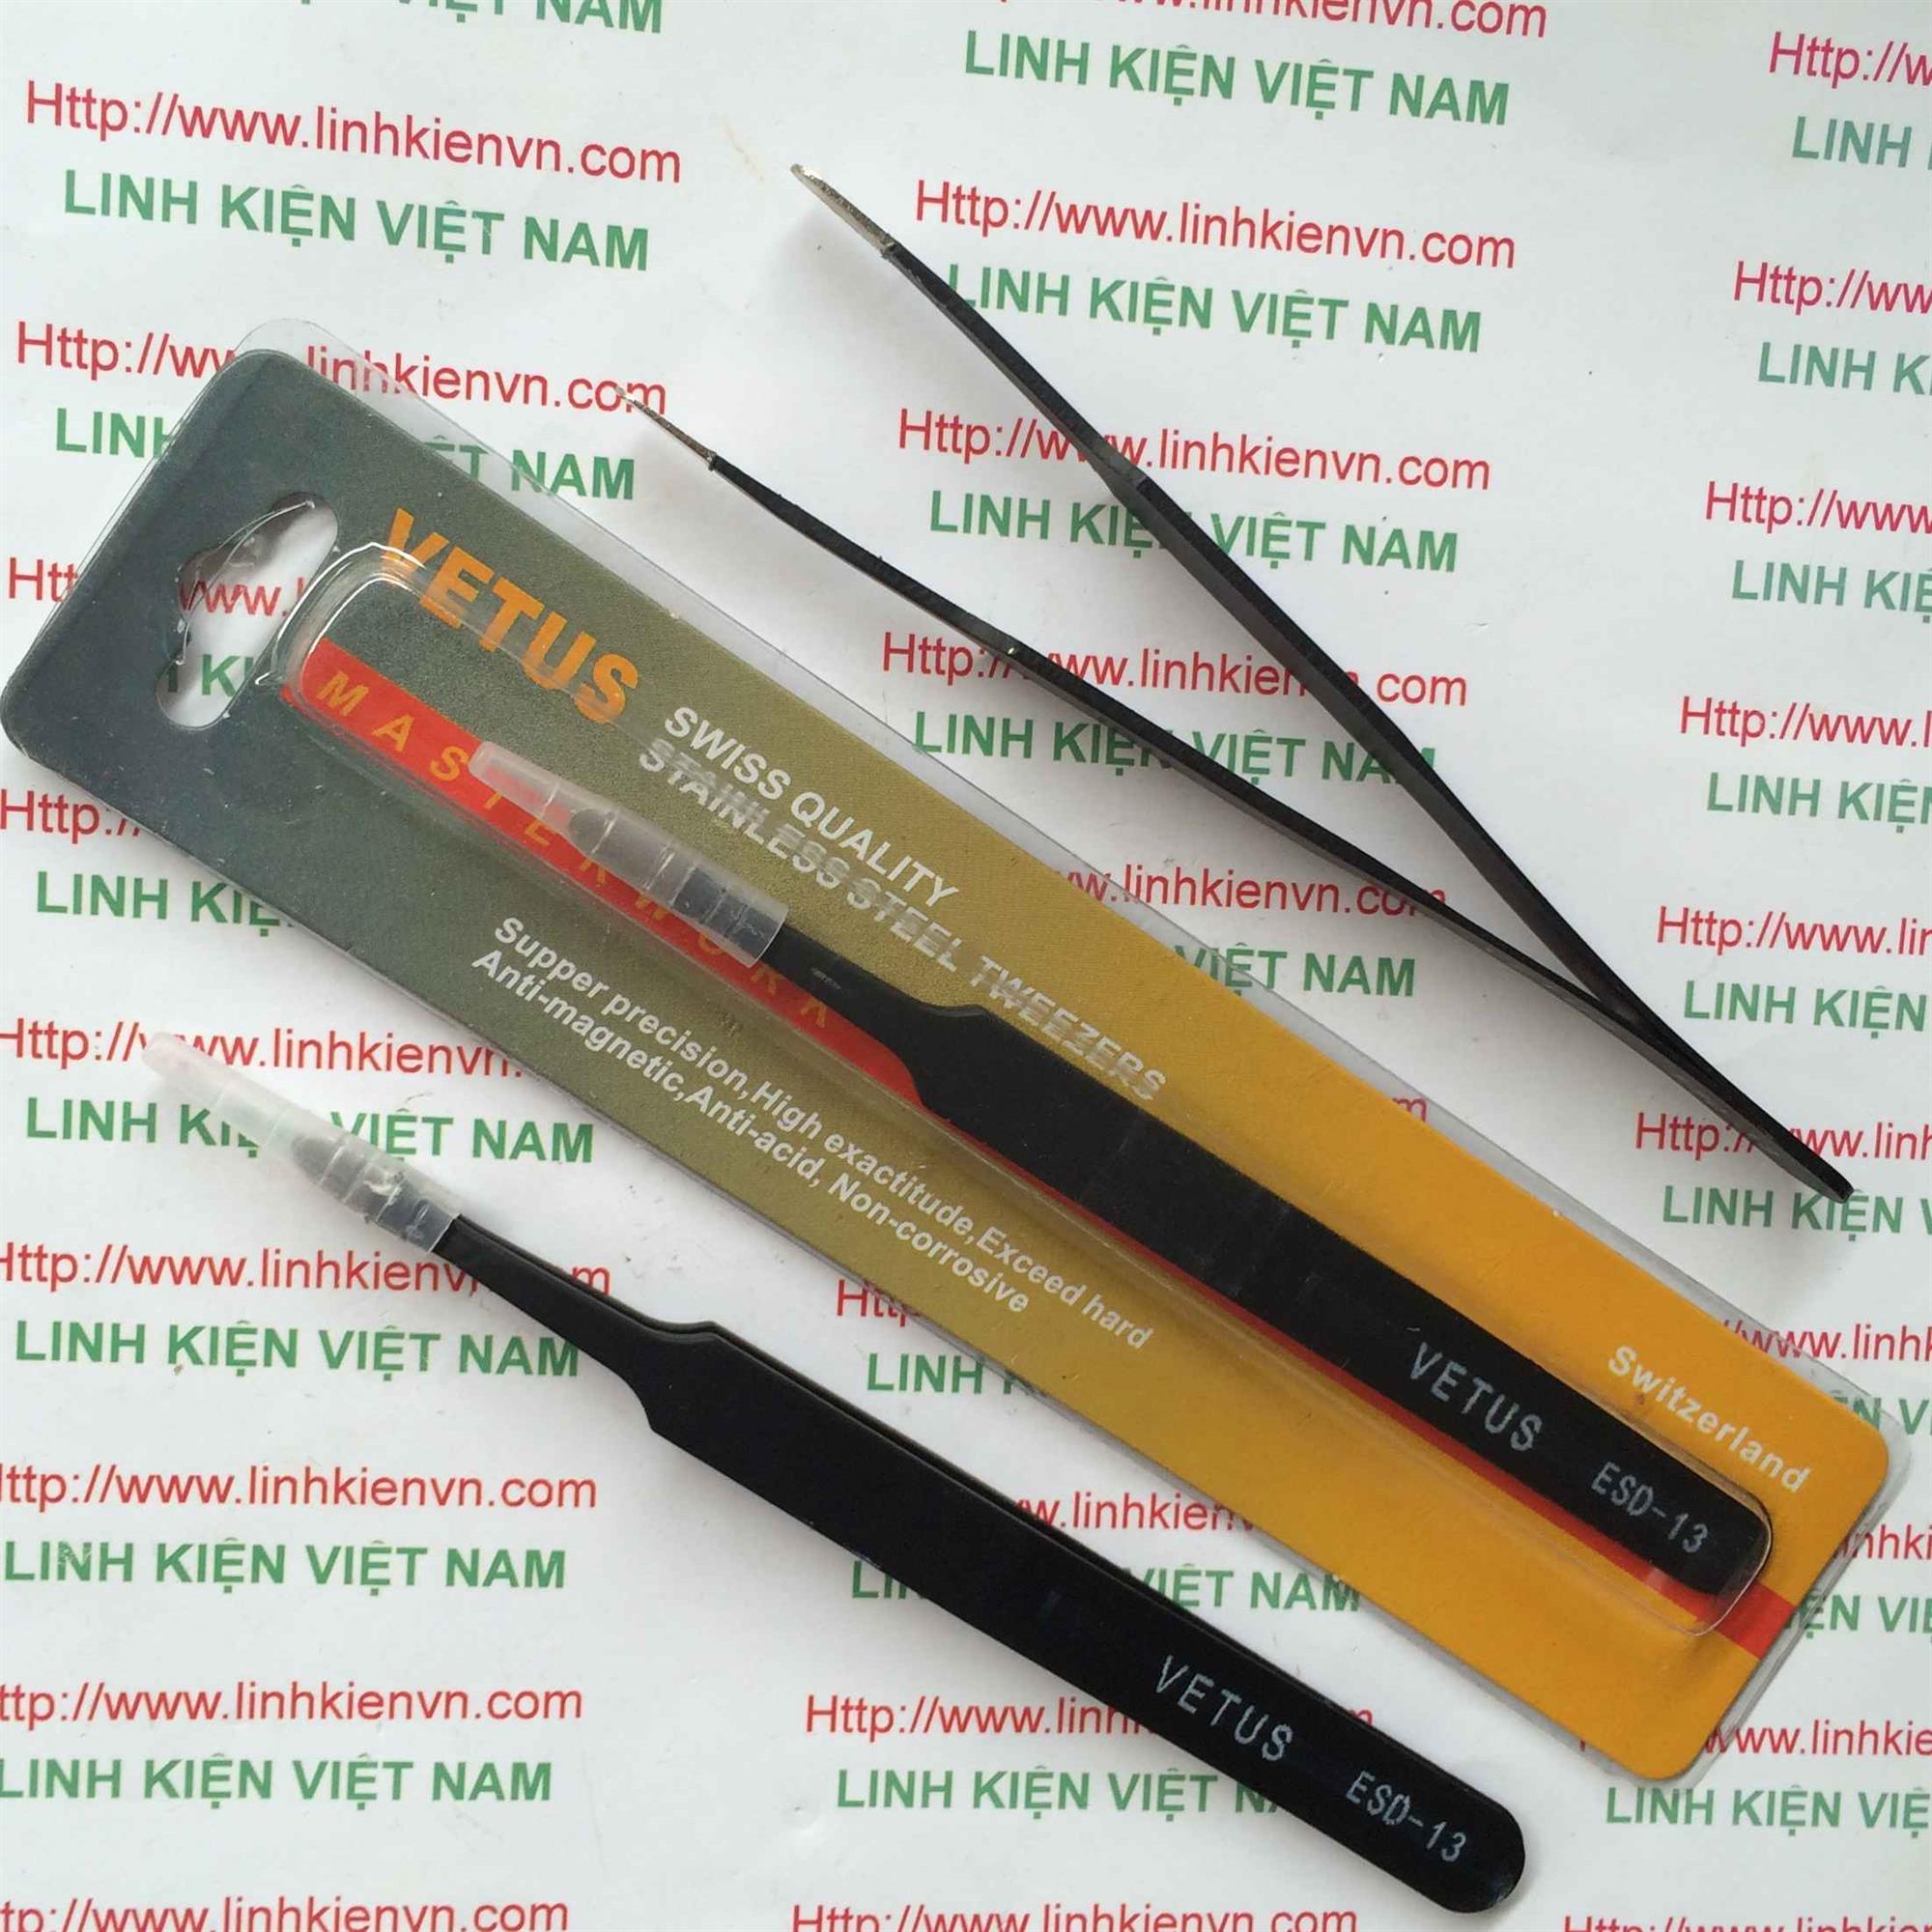 Pank kẹp linh kiện thẳng VETUS ESD-13 màu đen - GIÁ